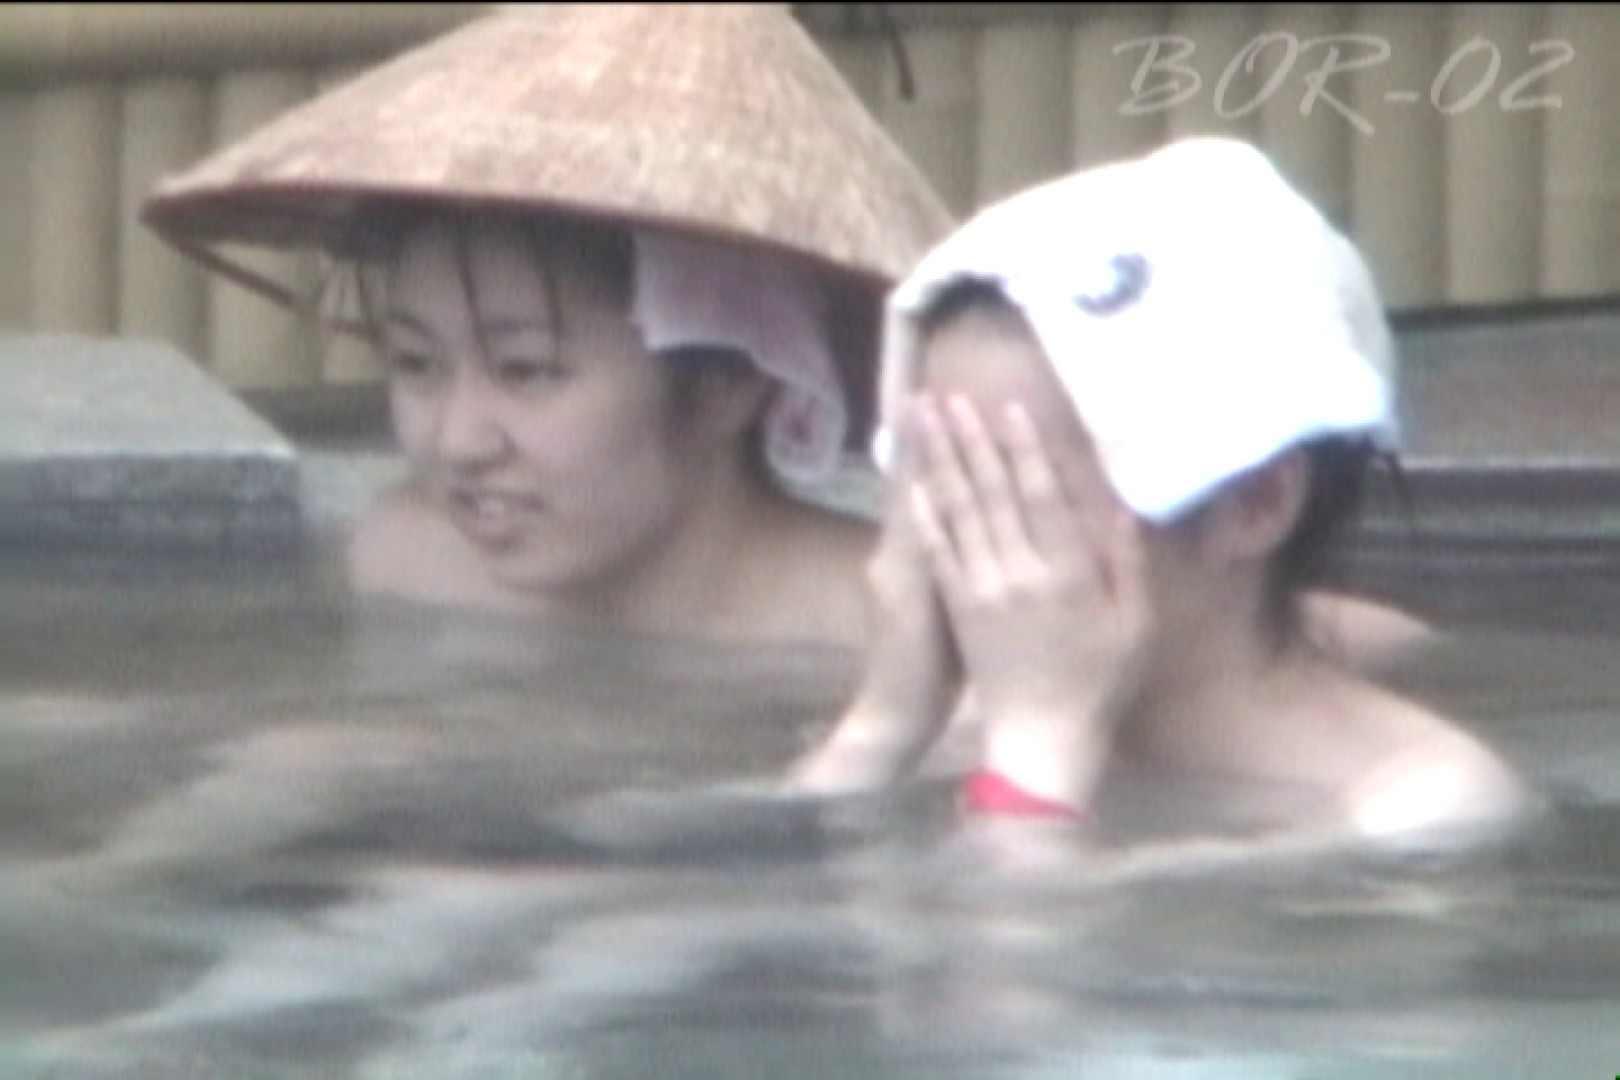 Aquaな露天風呂Vol.475 盗撮 セックス画像 96画像 86